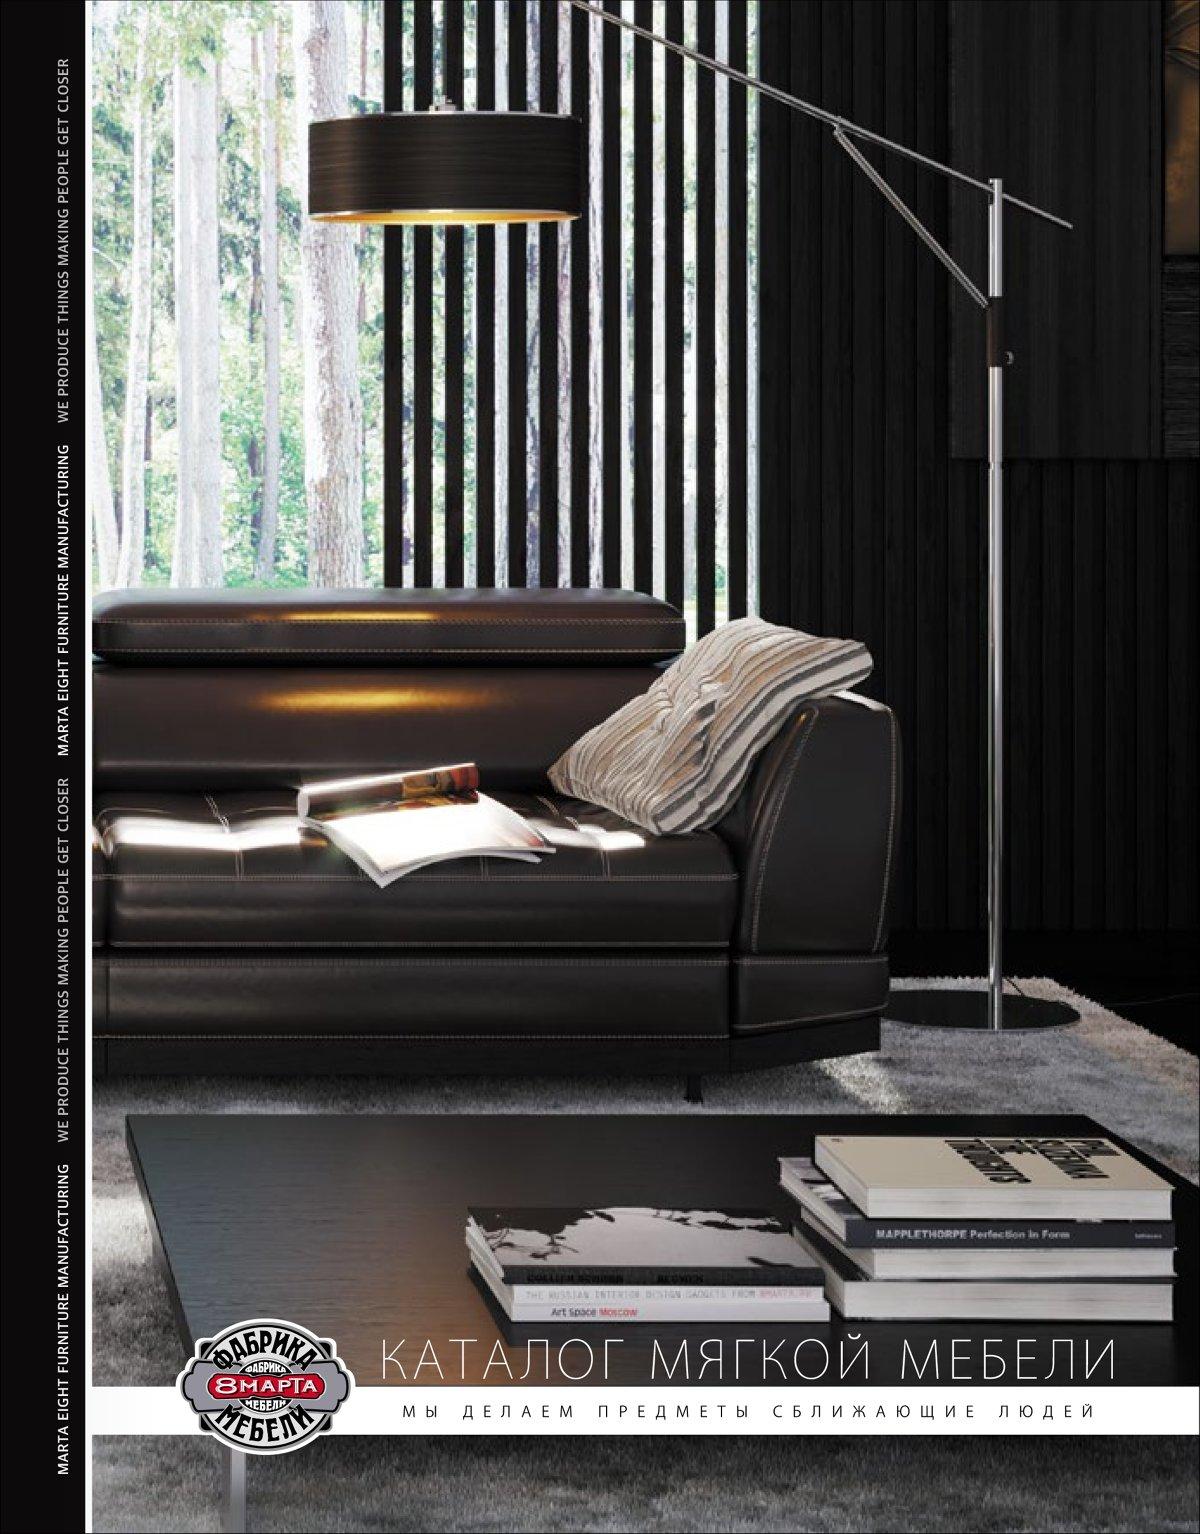 Мебель 4 комнаты каталог магазины плитки ванную чебоксары